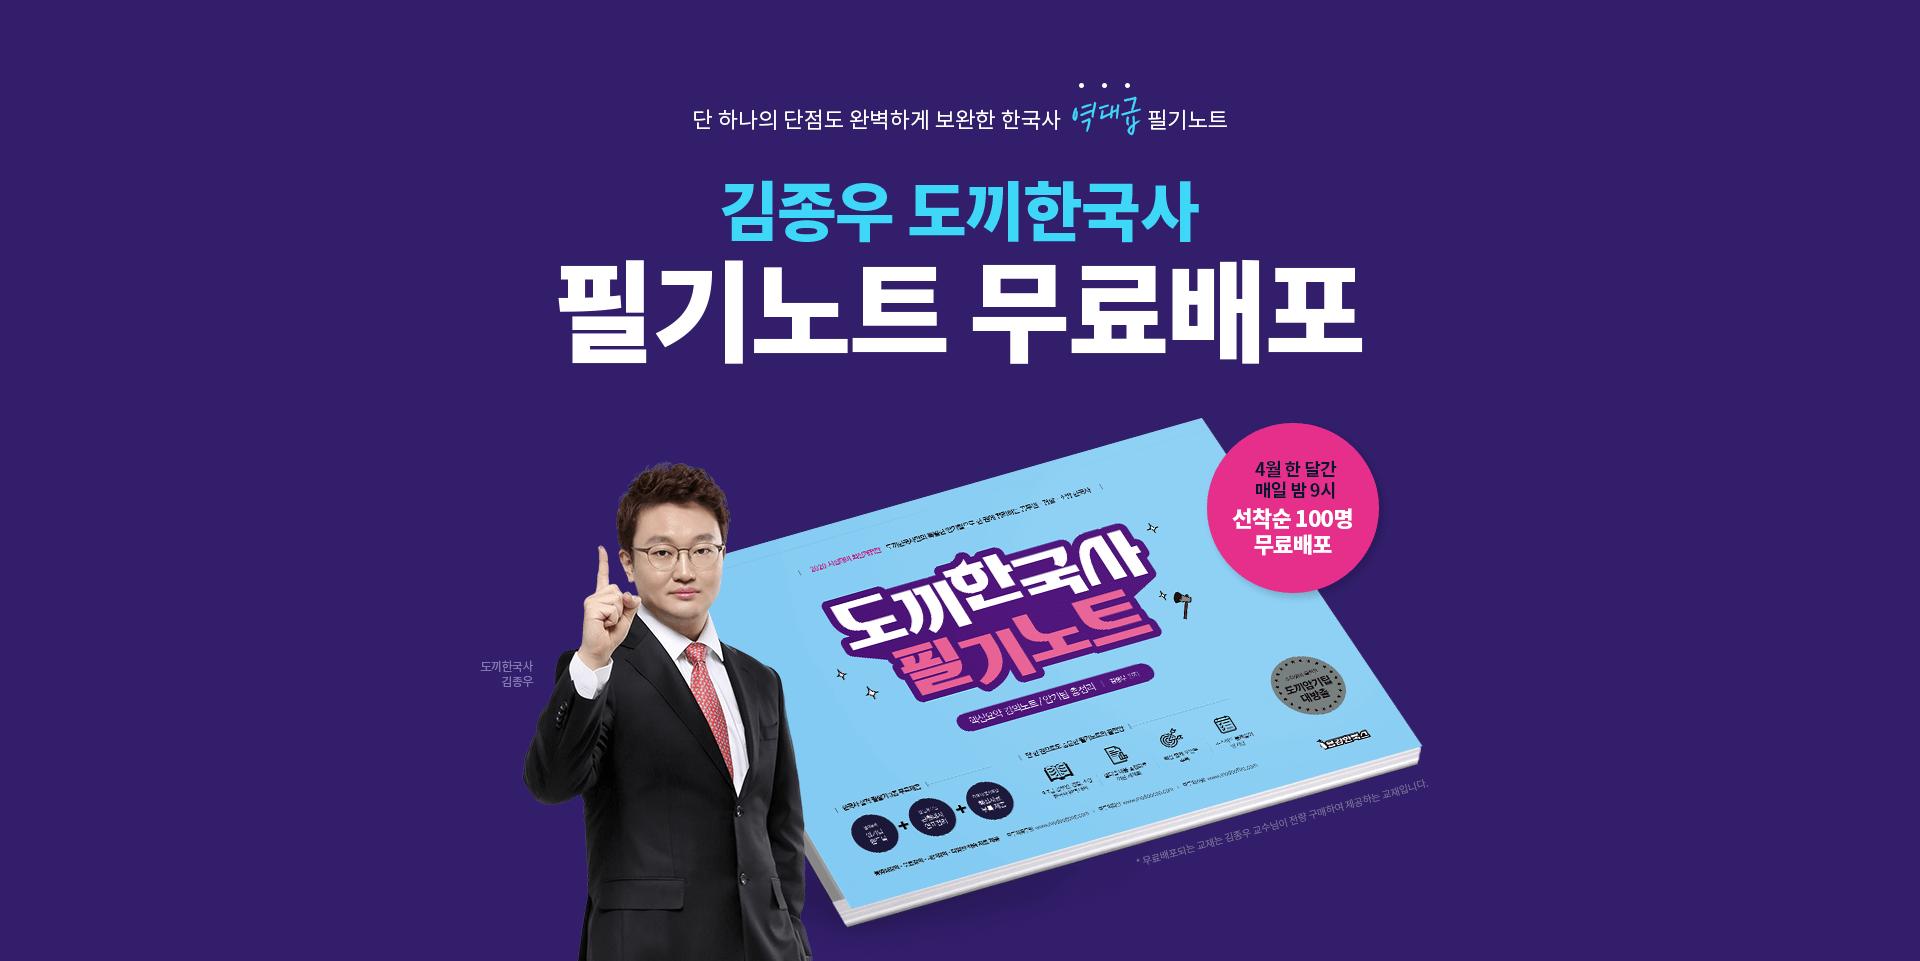 필기노트계의 끝판왕-도끼 한국사 필기노트